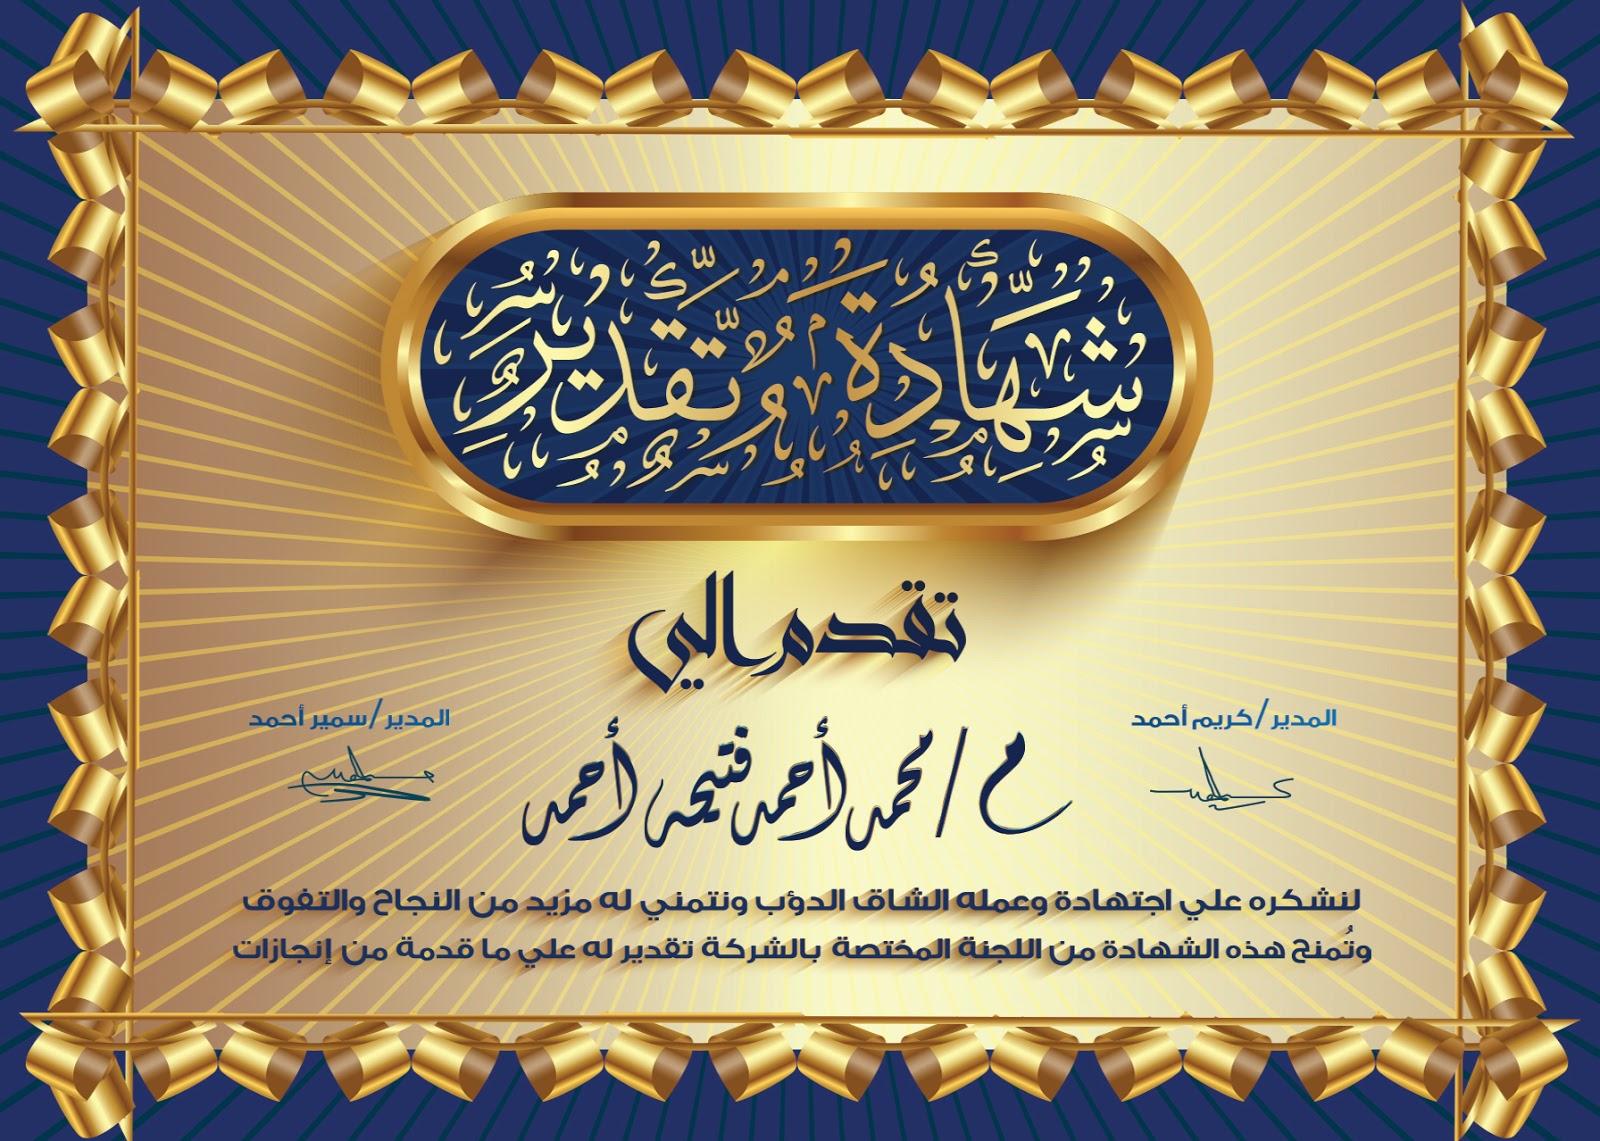 شهادة تقدير psd احترافية مطرزة بالنقش الذهبى الرائع